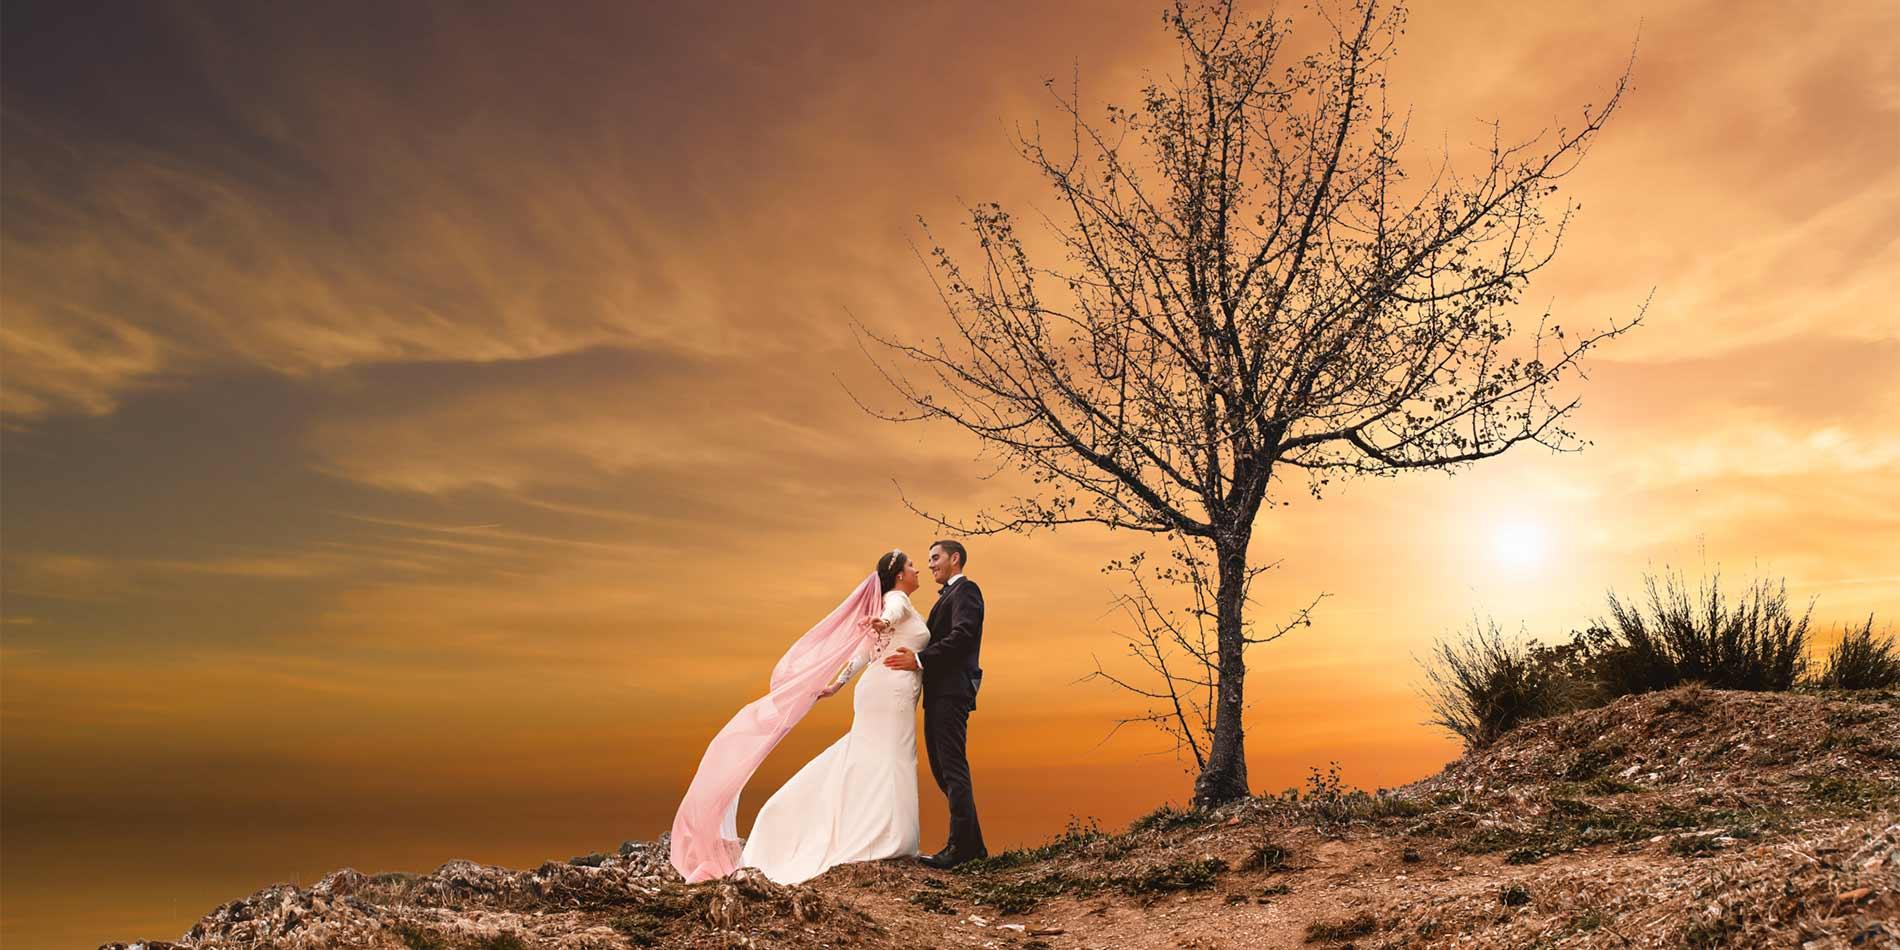 bodas en sevilla, pareja de novios junto a un árbol al atardecer